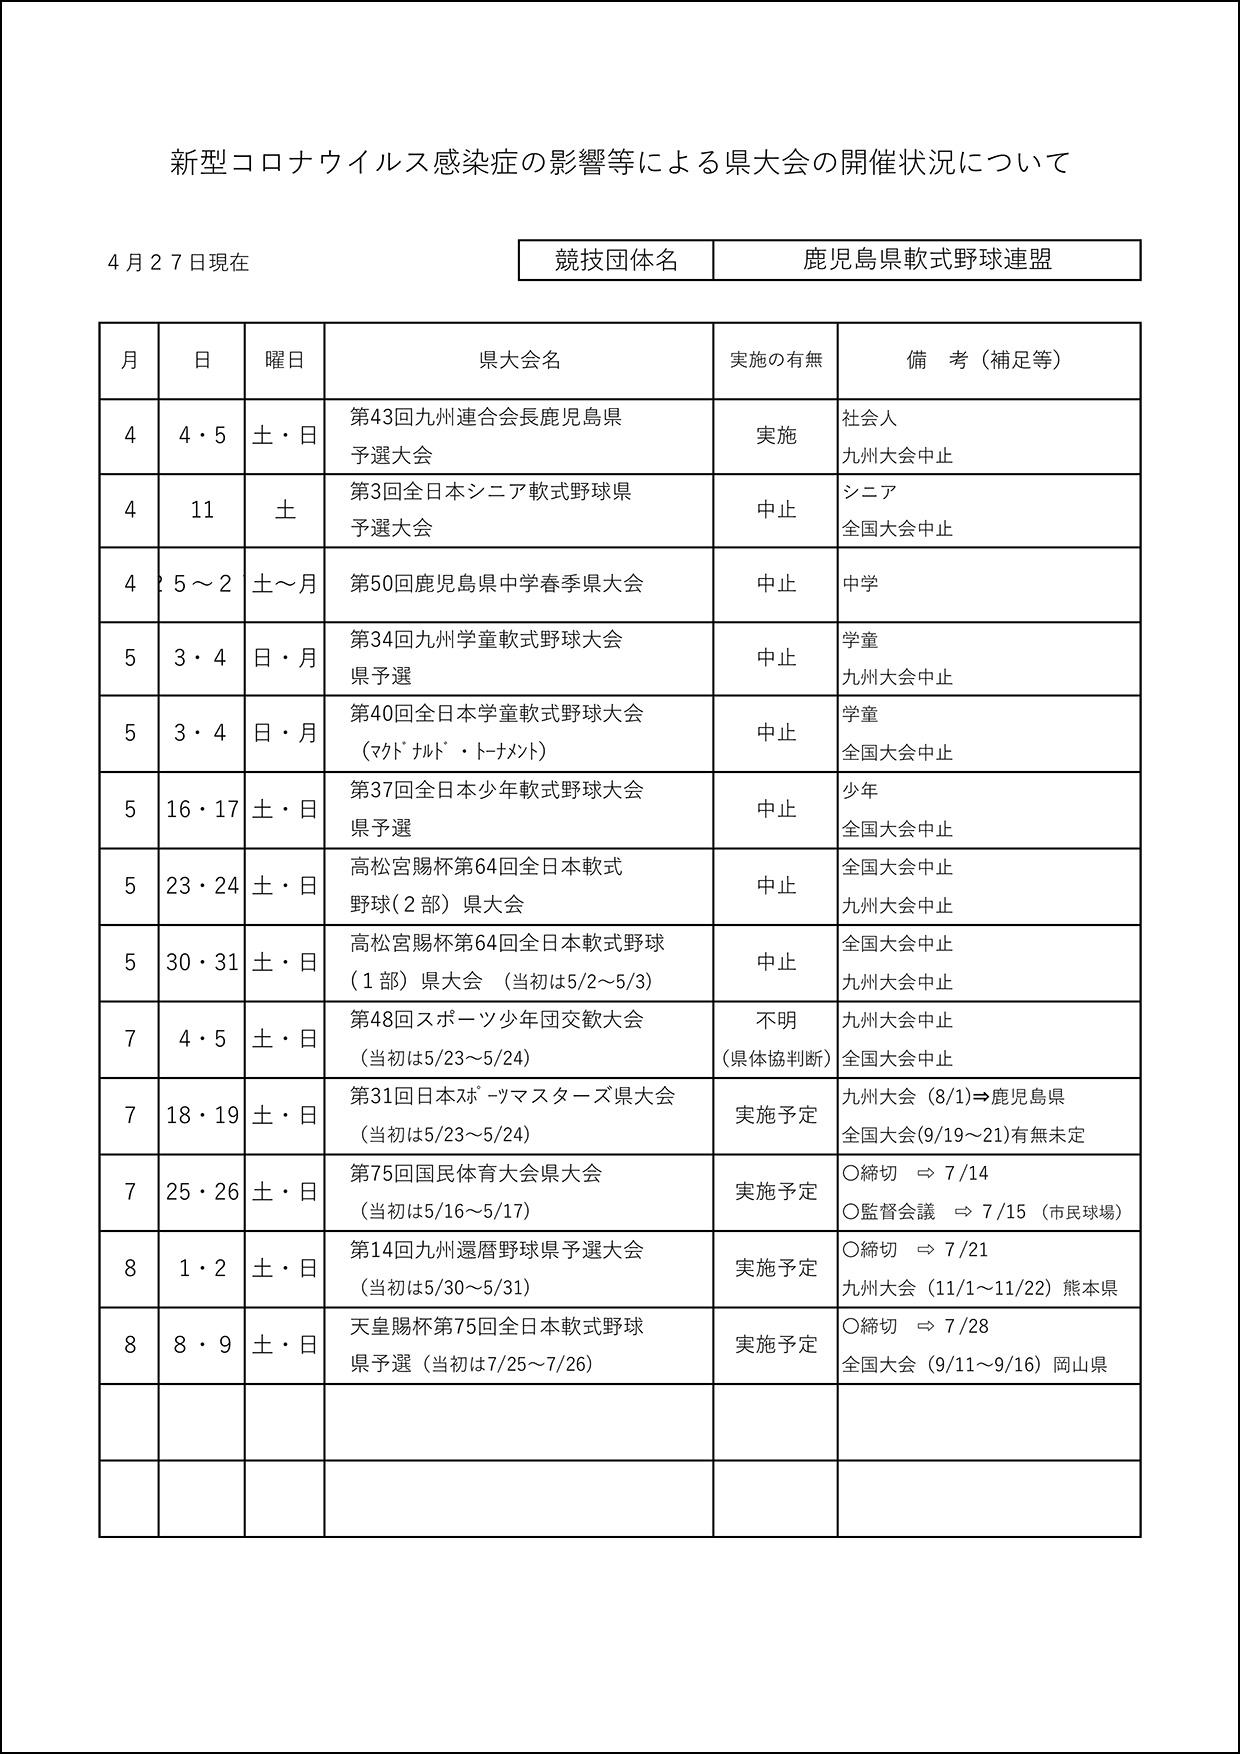 【通知】高松宮賜杯第64回全日本軟式野球1・2部大会の中止について